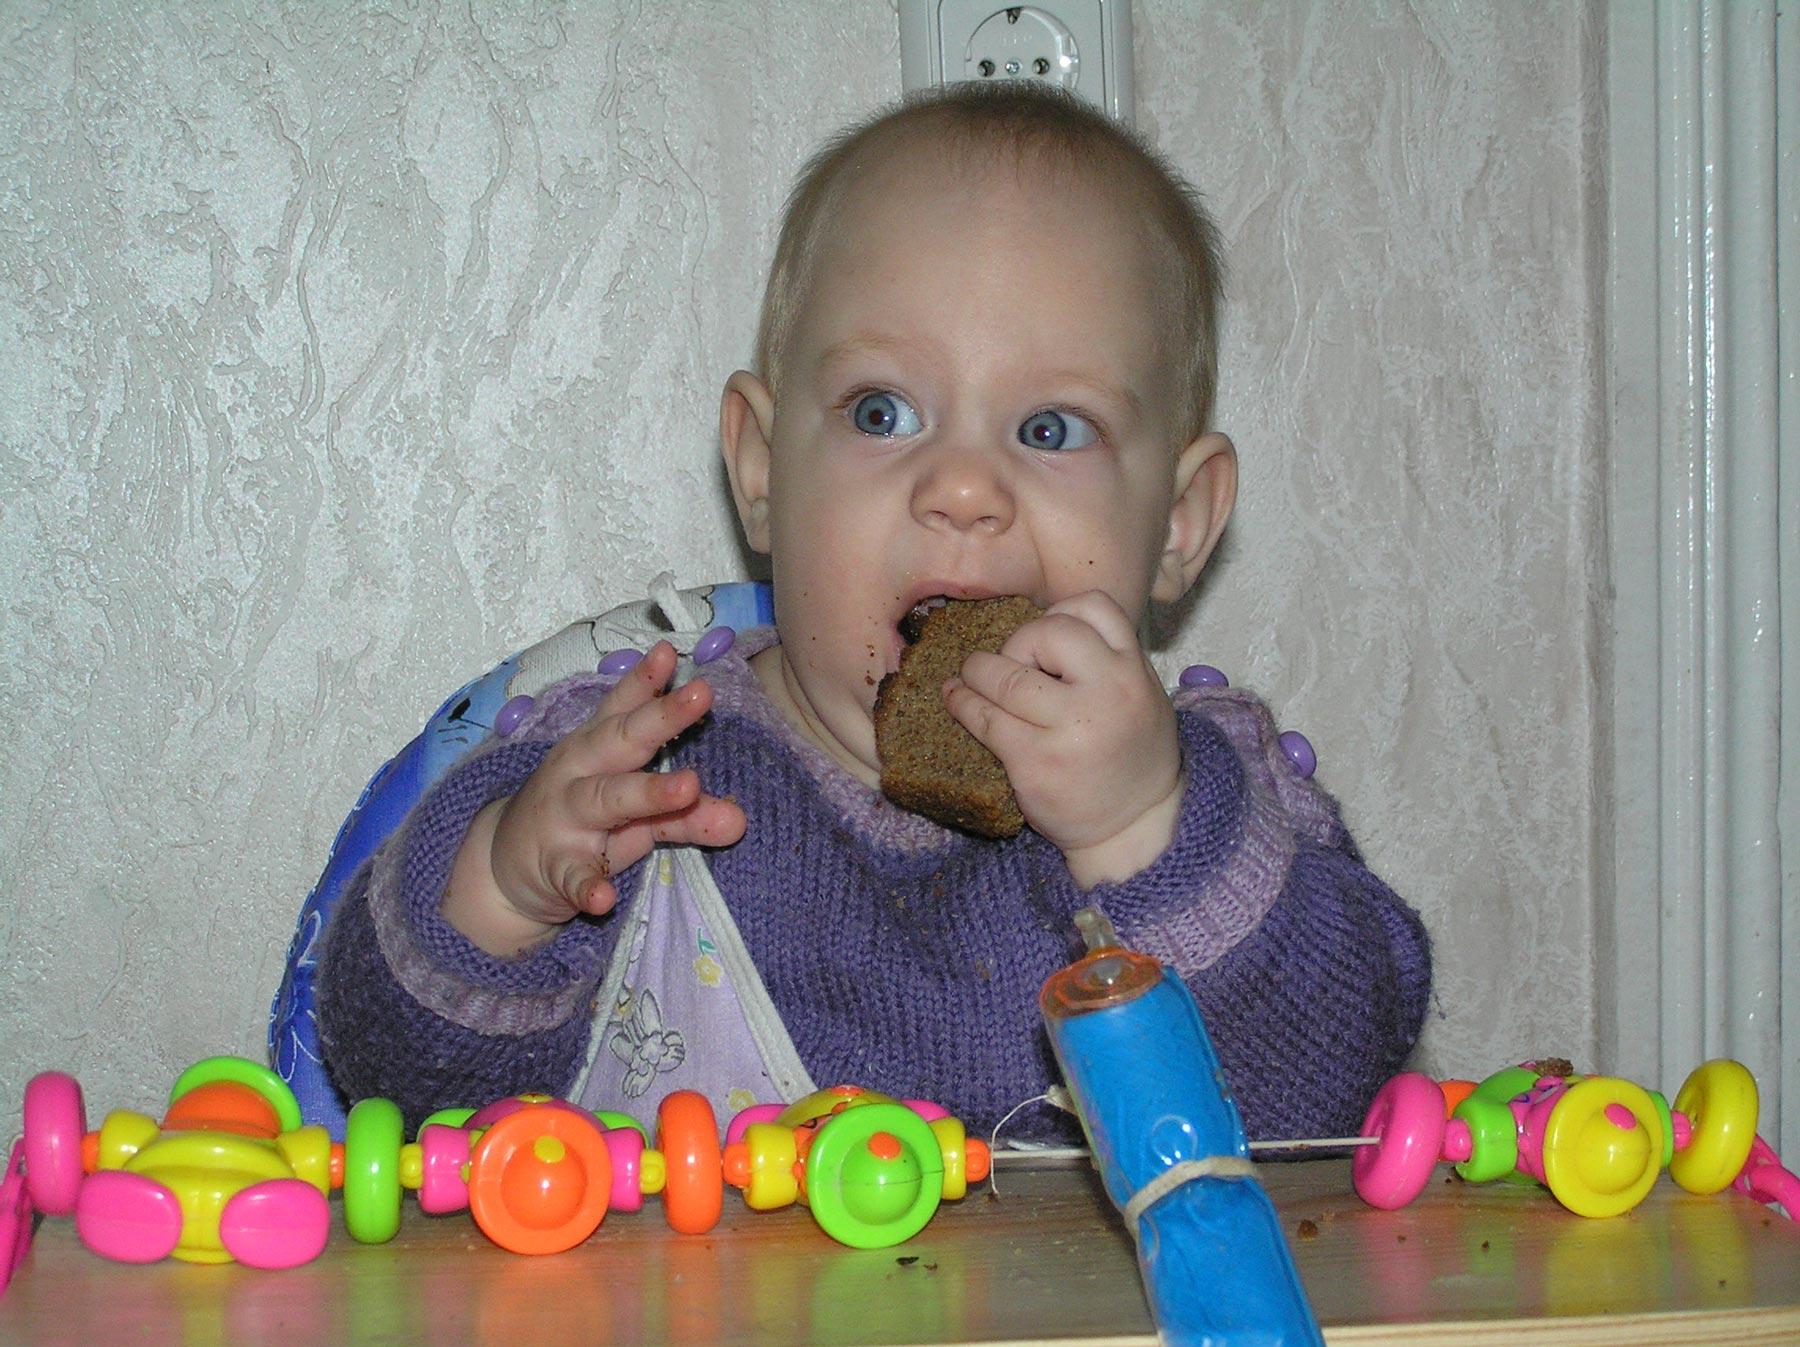 Фотоконкурс 'Крошка с ложкой' 'Ну когда ж у меня наконец-то зубы появятся?!!'. Крошка с ложкой